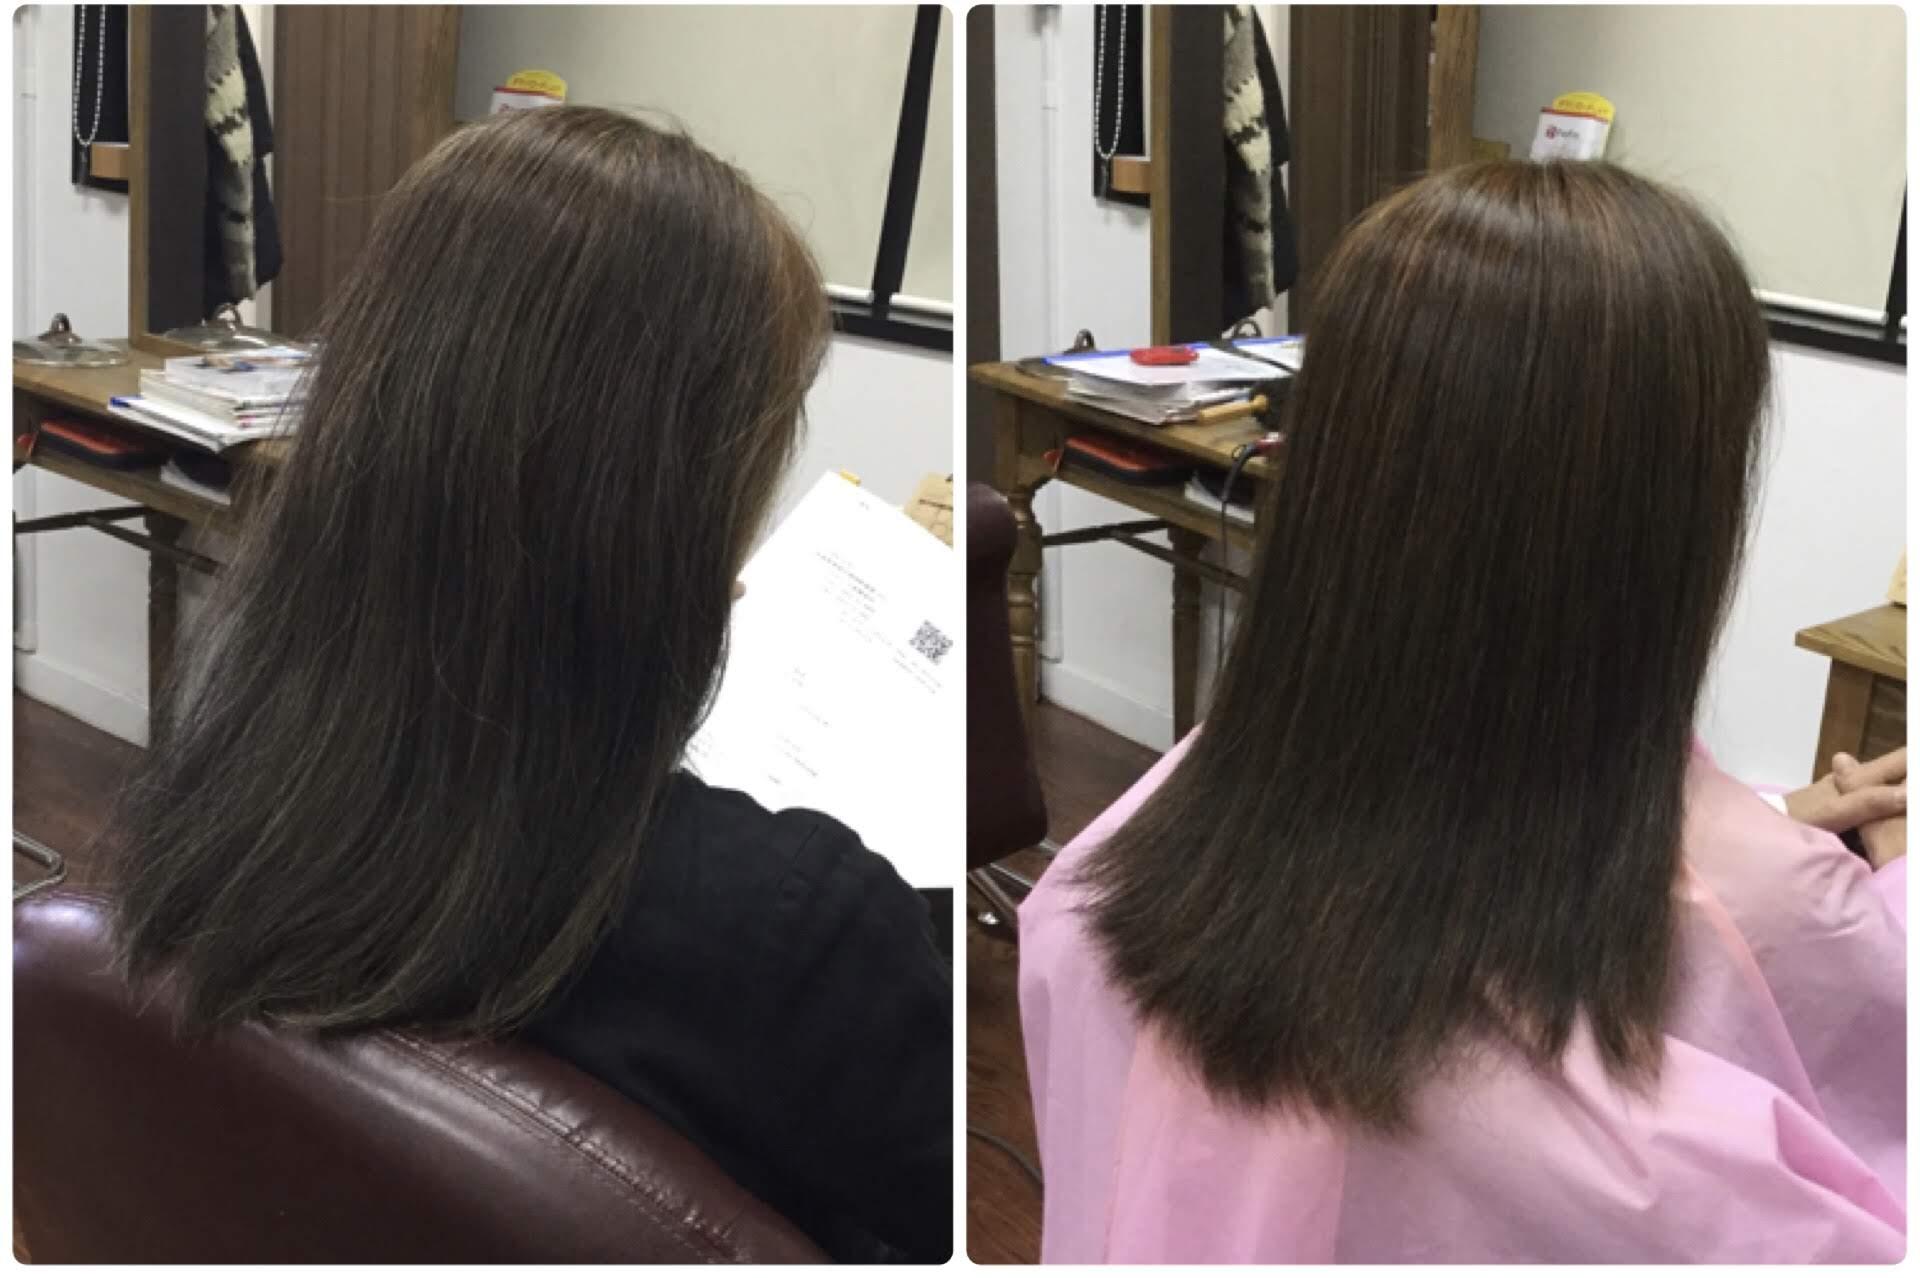 髪に頭皮に身体の健康を考え『天然100%ヘナで染めているから真っ黒なの』